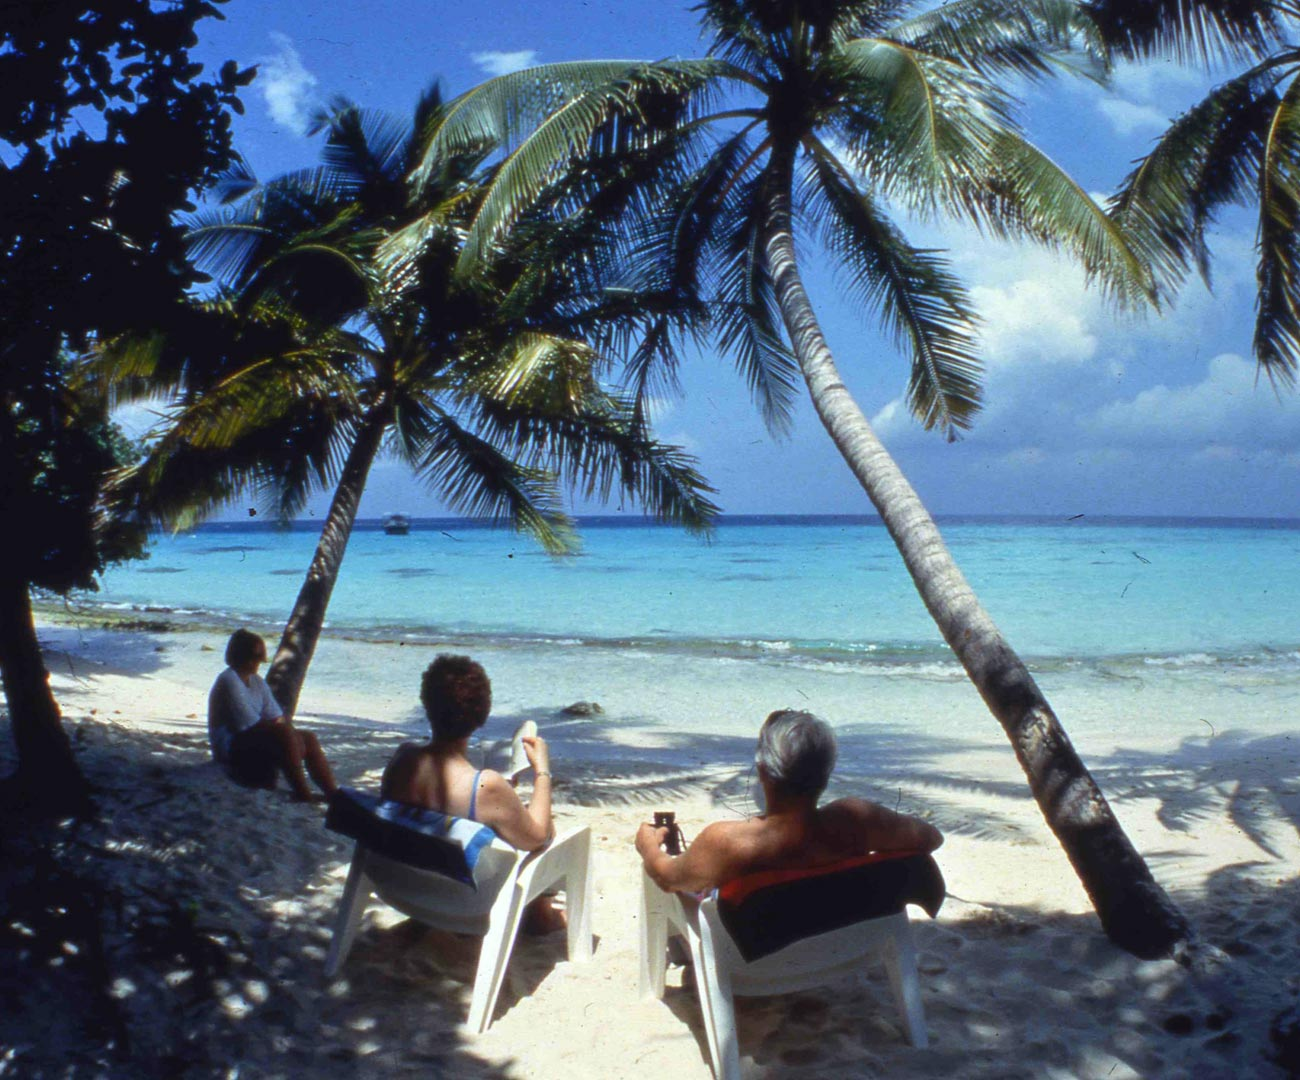 Maldives first Resort - Kurumba Maldives